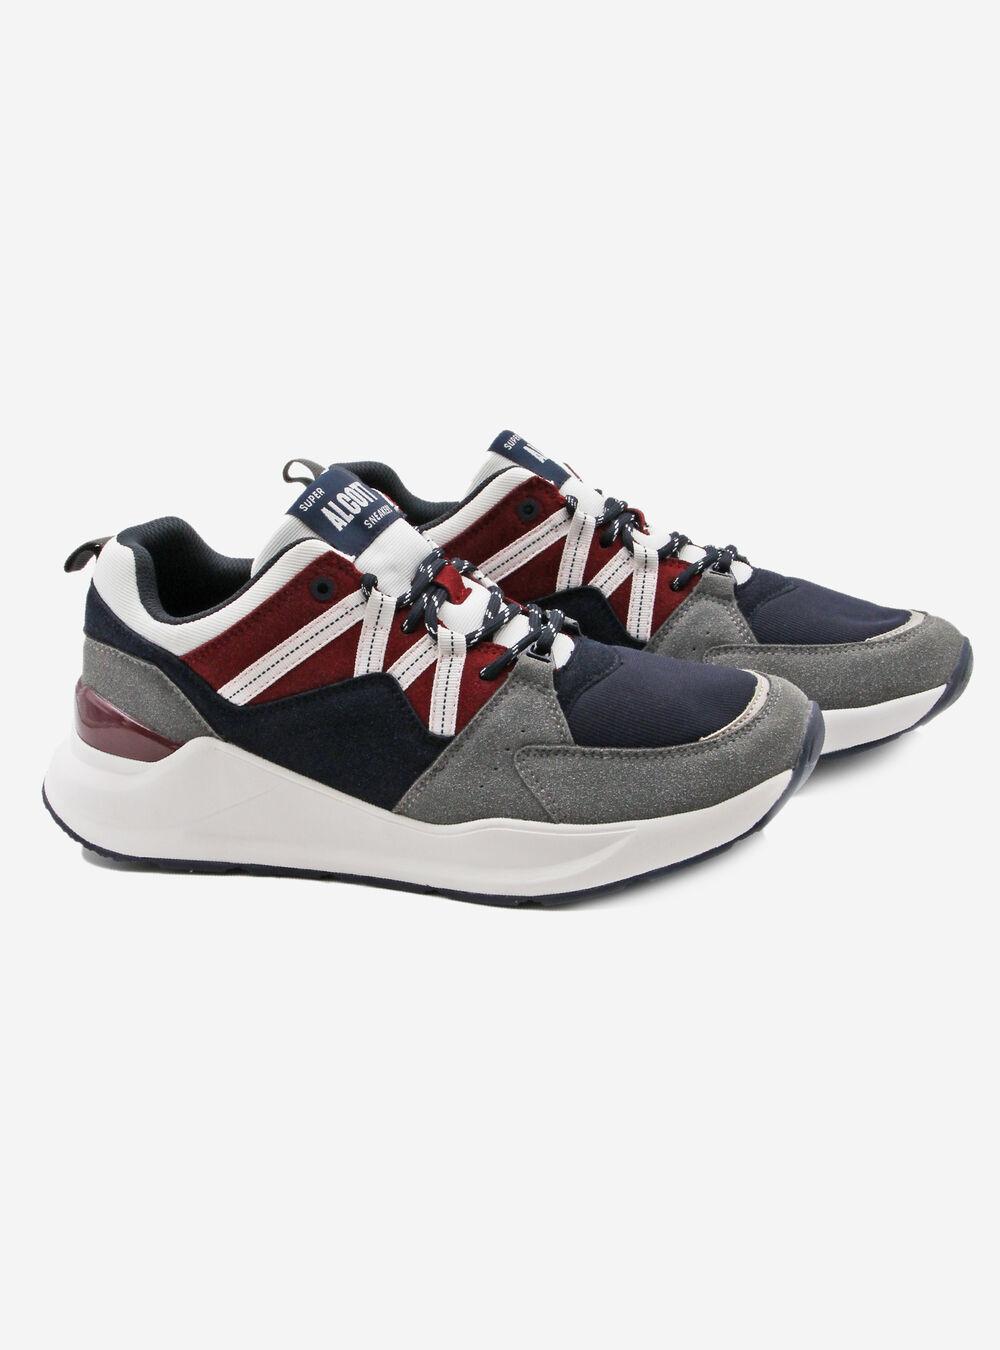 brand new c5fe0 69487 Sneakers da Uomo | Acquista online su Alcott